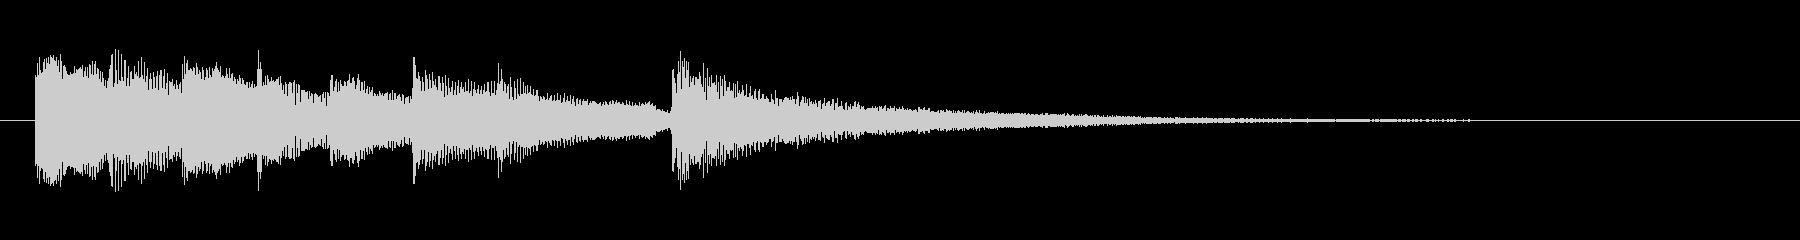 優しく繊細なヨガ音楽と瞑想音楽トラ...の未再生の波形